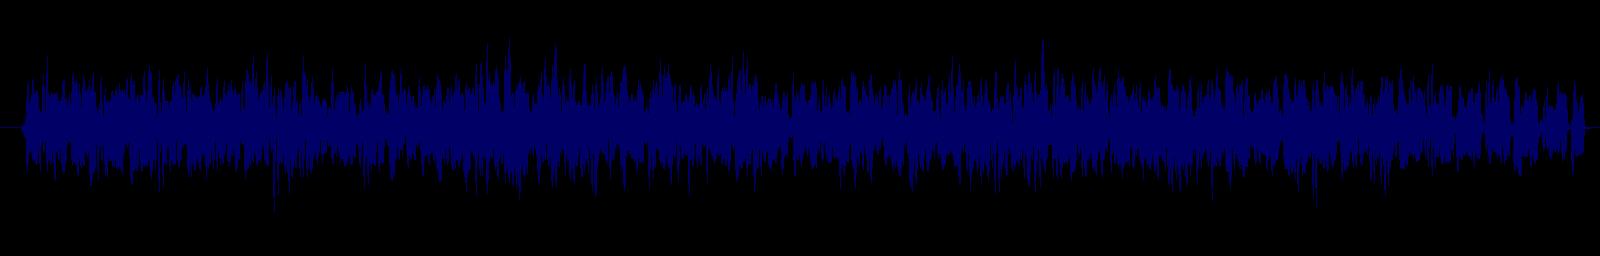 waveform of track #138322